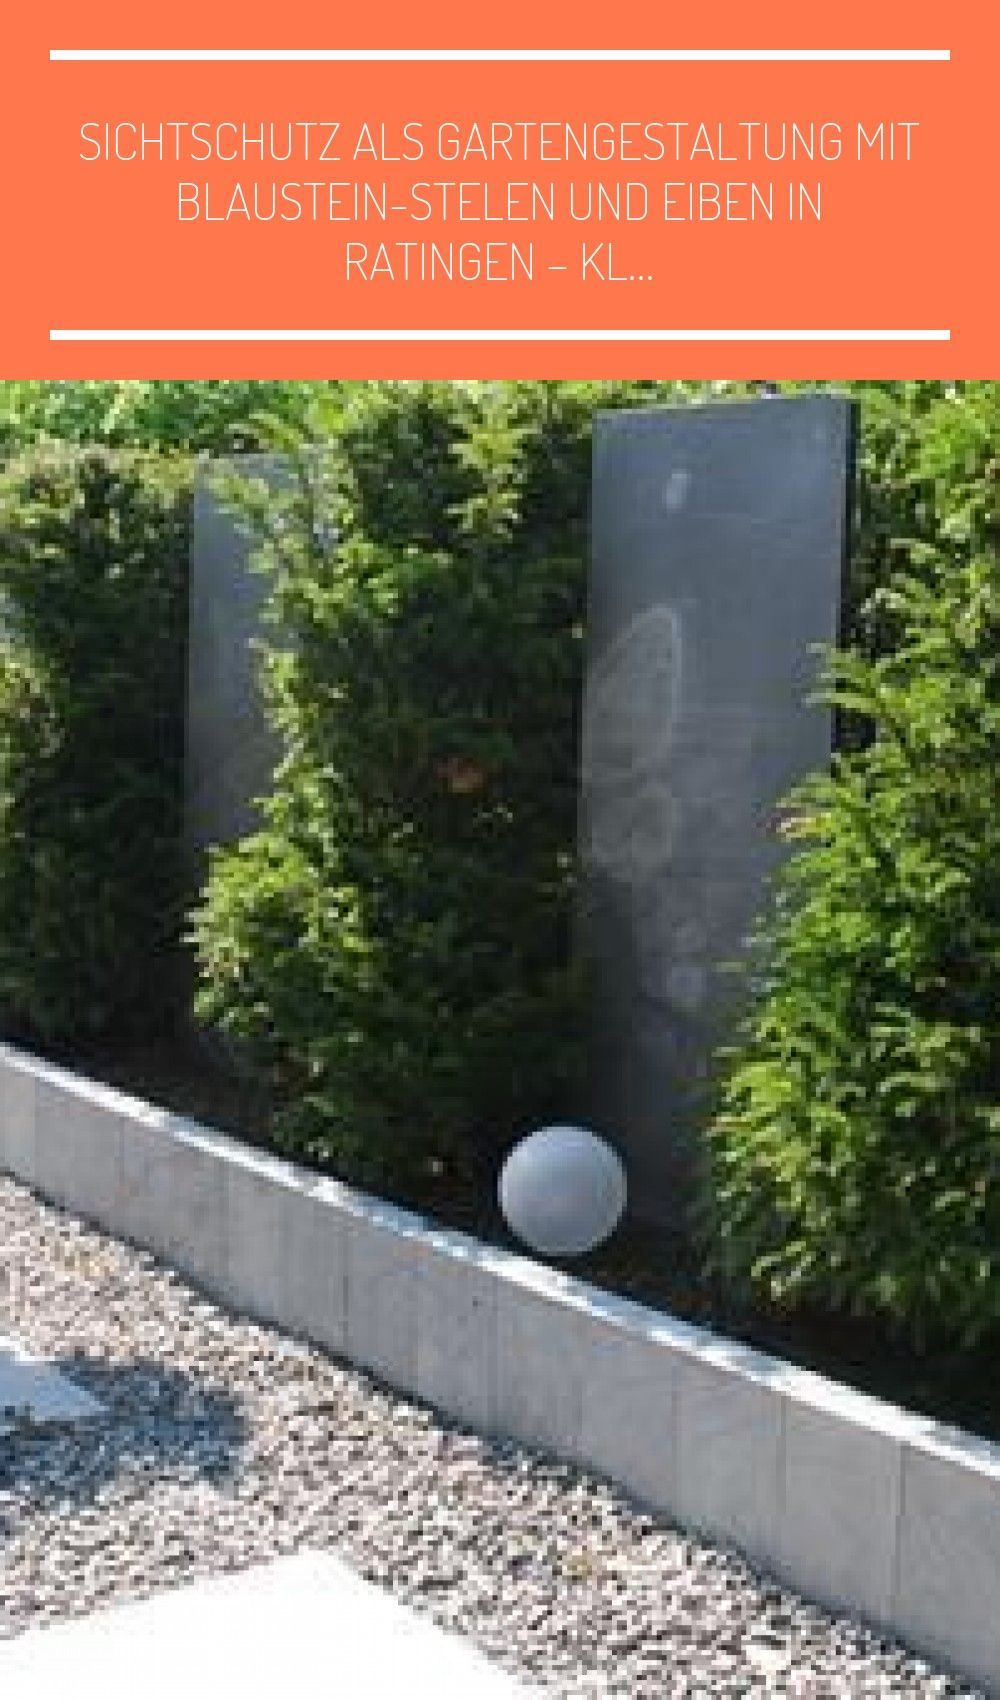 Sichtschutz Als Gartengestaltu Jardines Tolerante